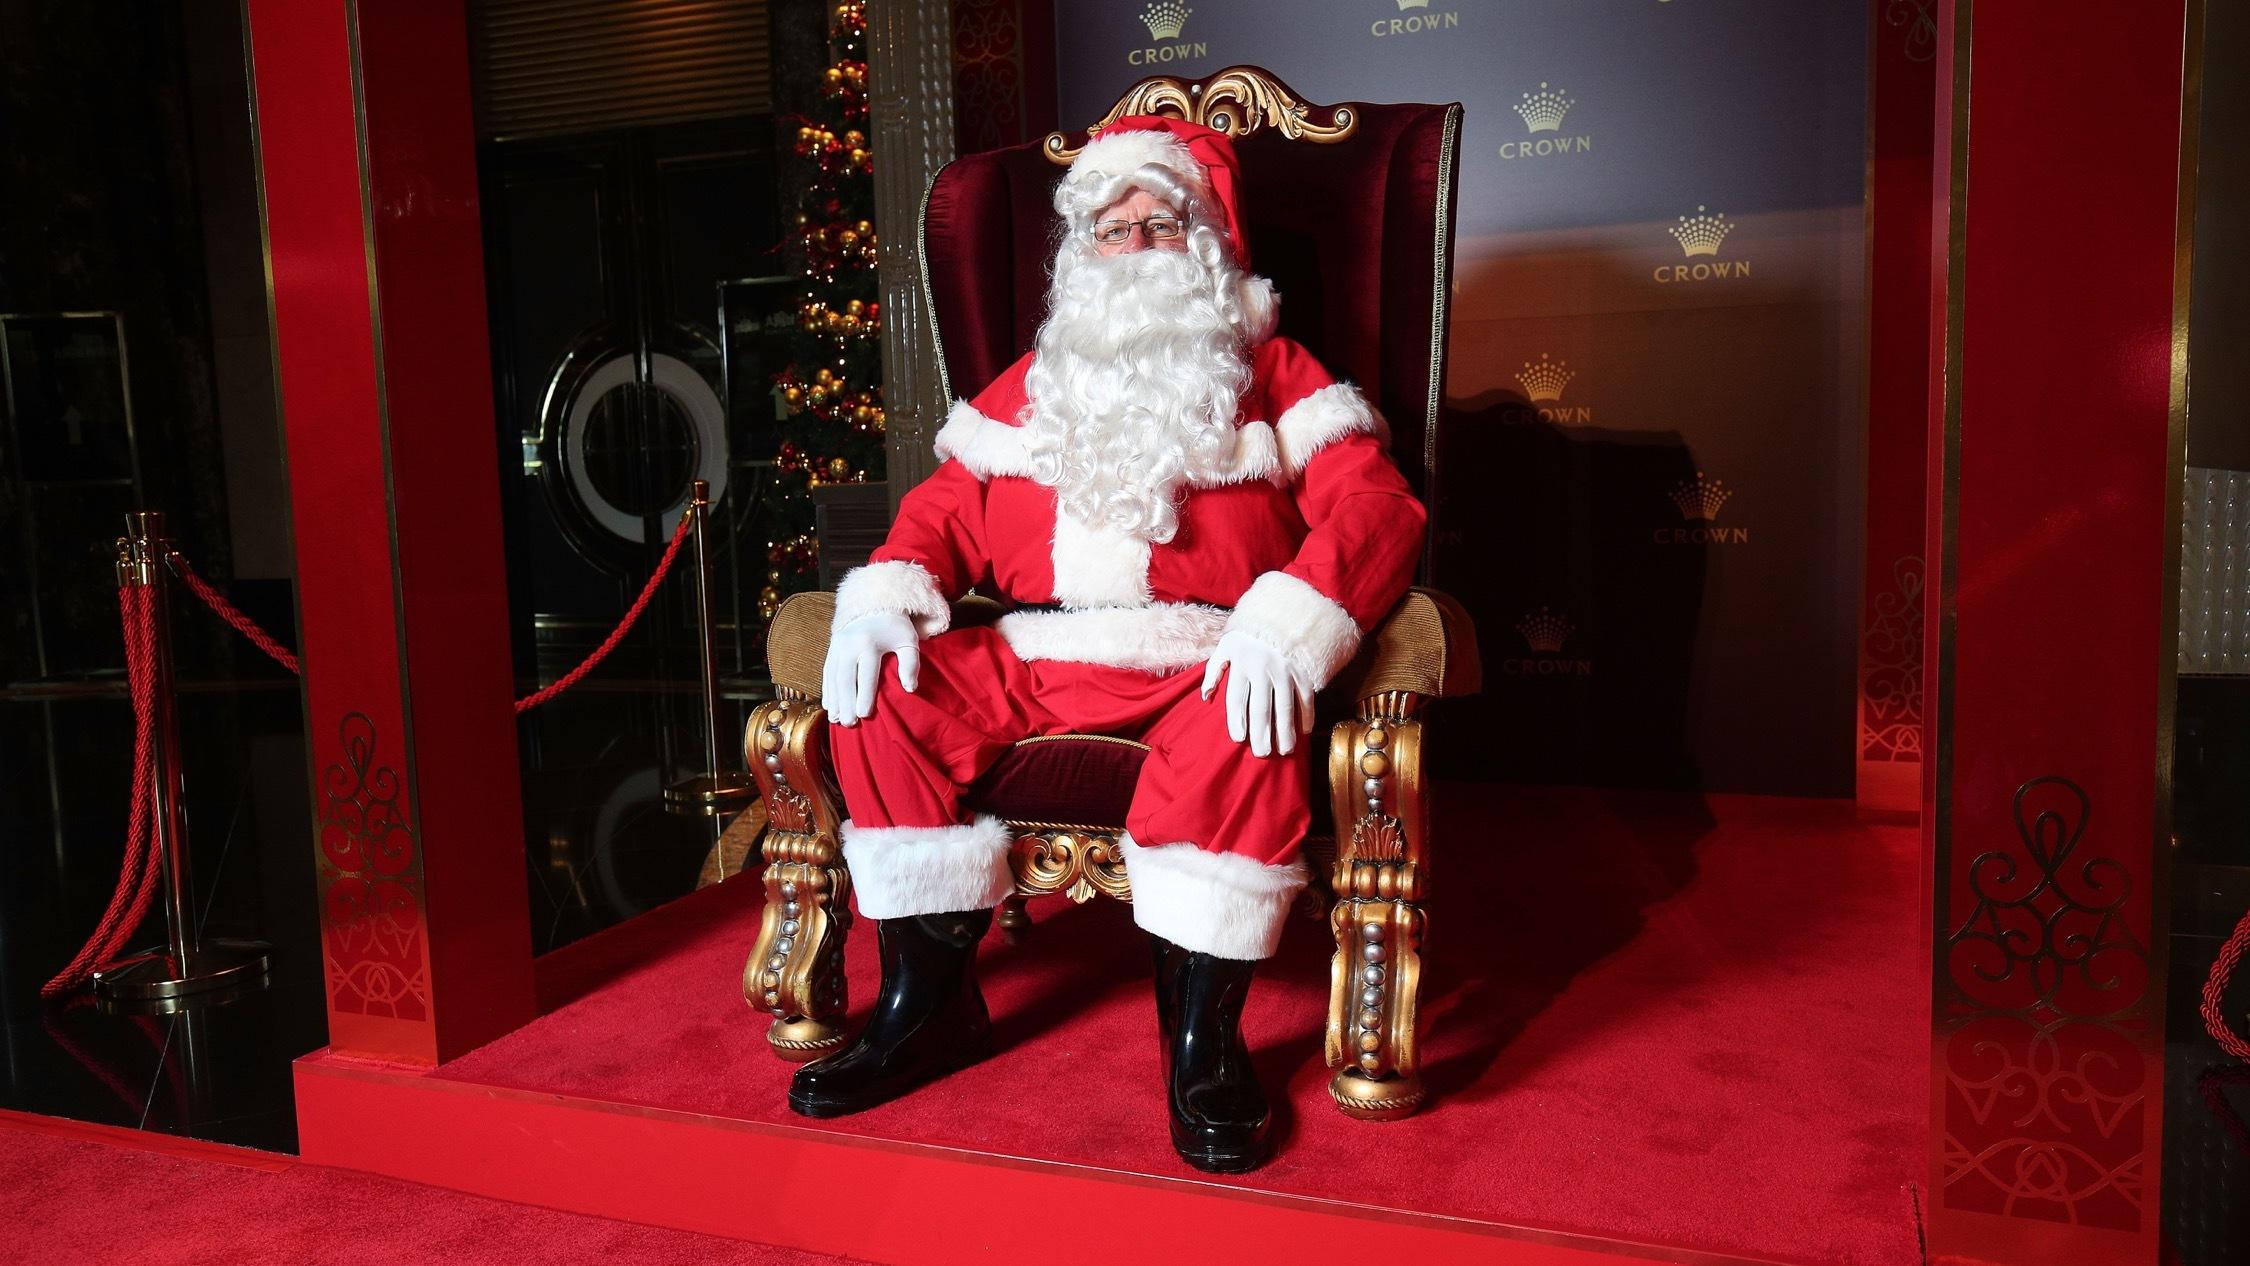 The Real Santa Claus at Crown